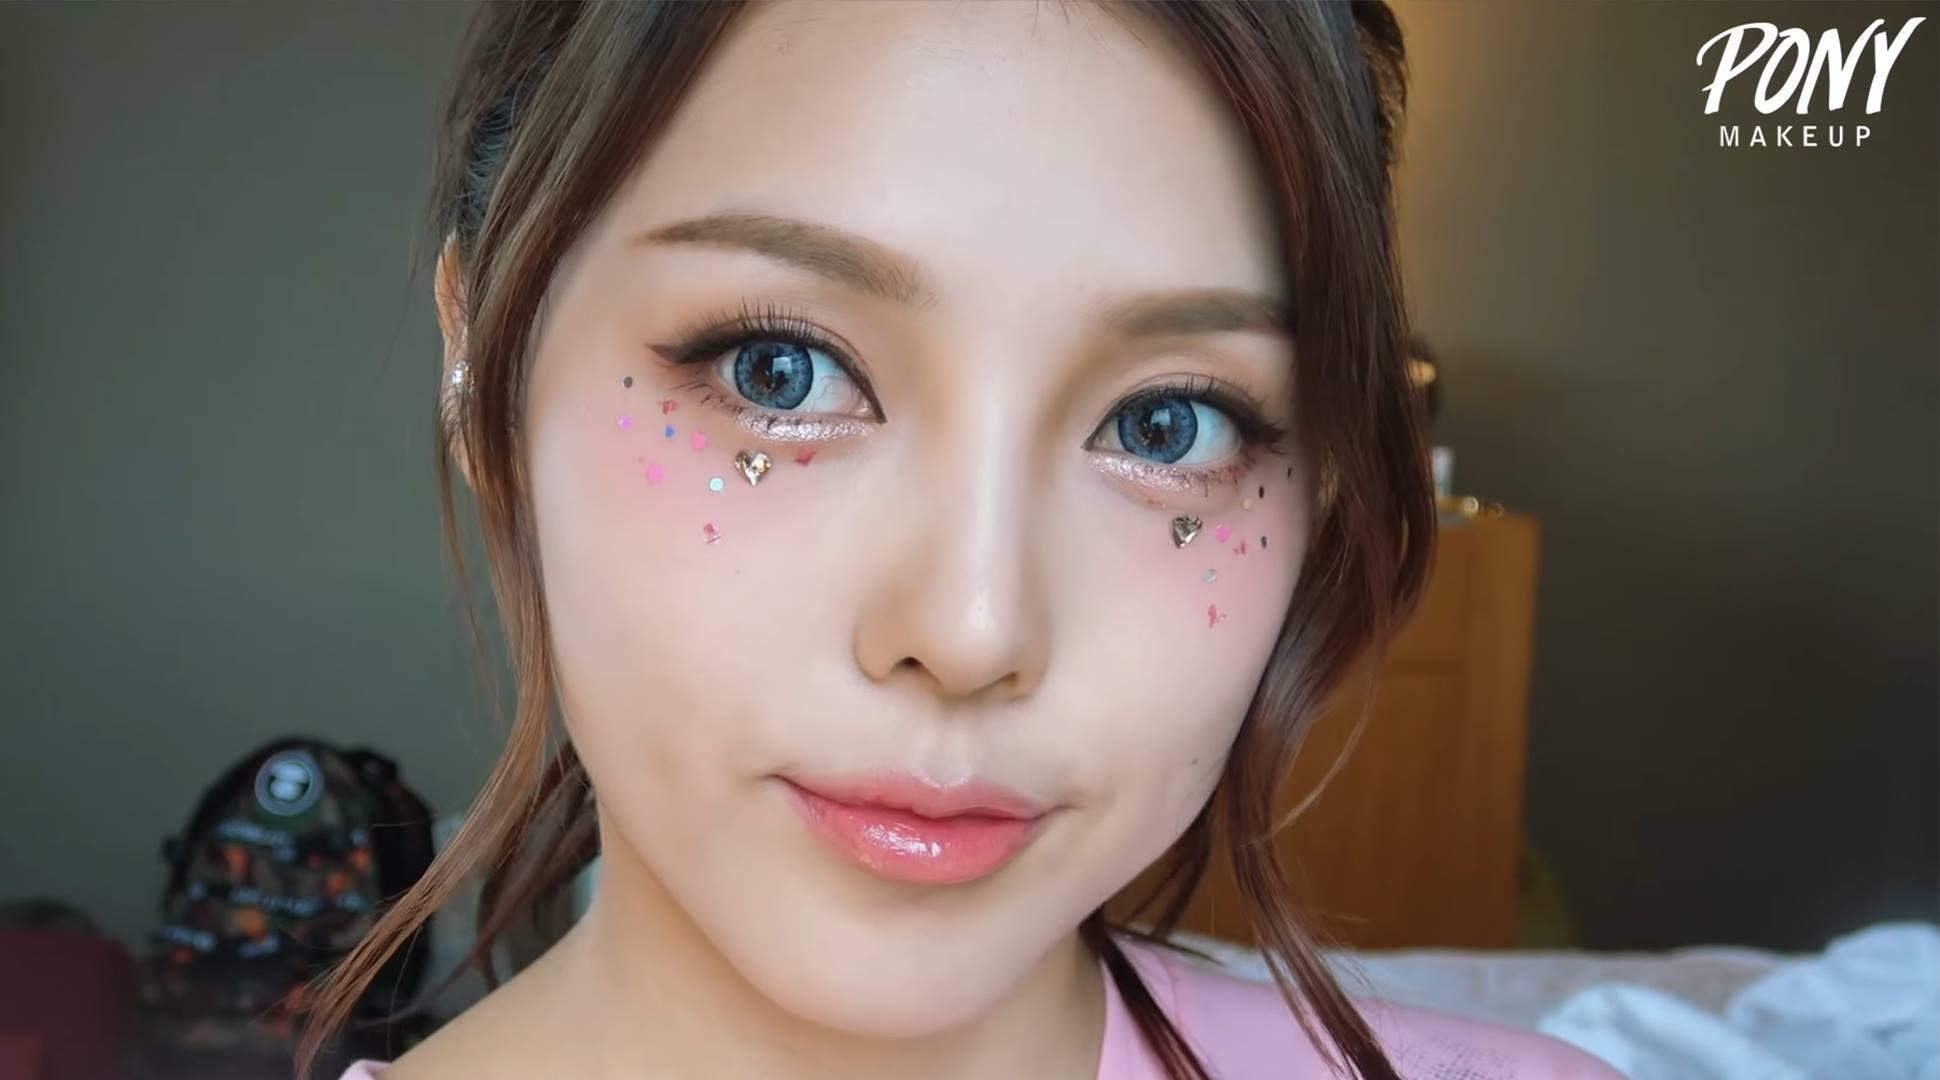 """""""Phù thủy make up"""" Pony thường xuyên sử dụng các sản phẩm trang điểm của BBia"""